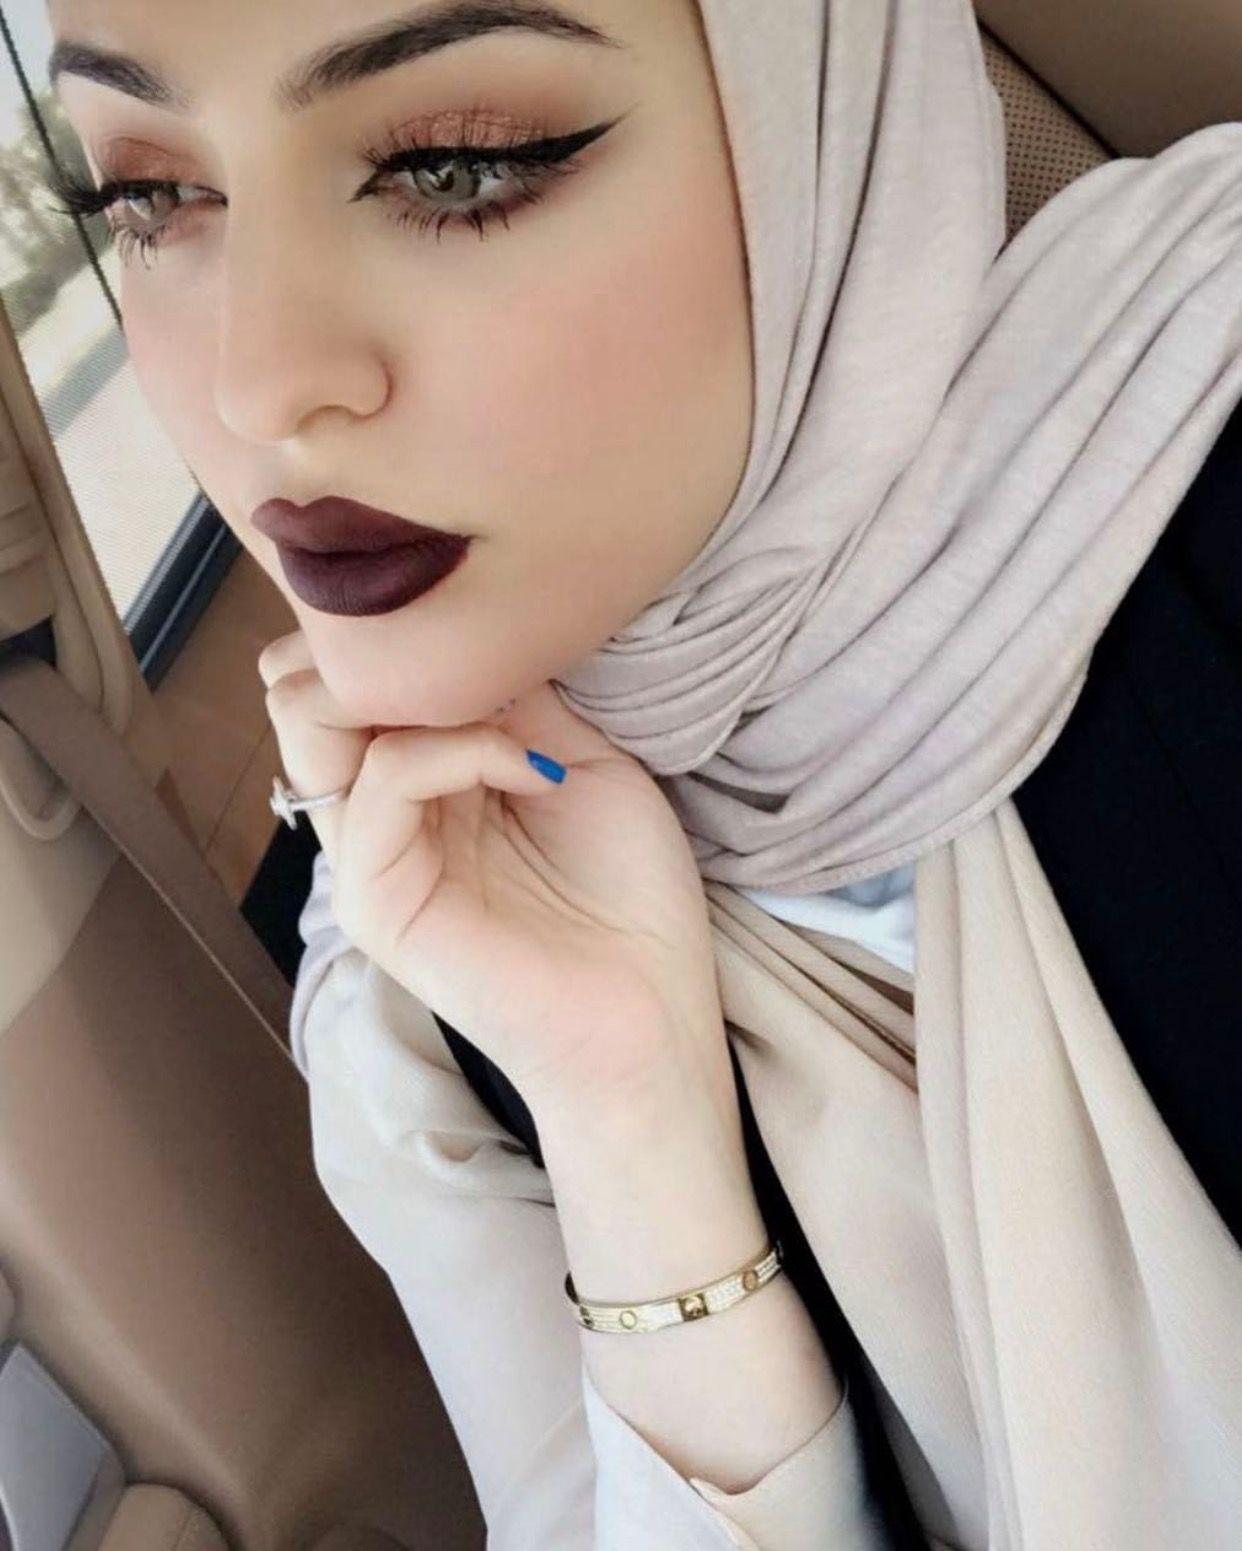 بالصور صور بنت محجبه , بيستات بنات محجبات مميزة 2033 9